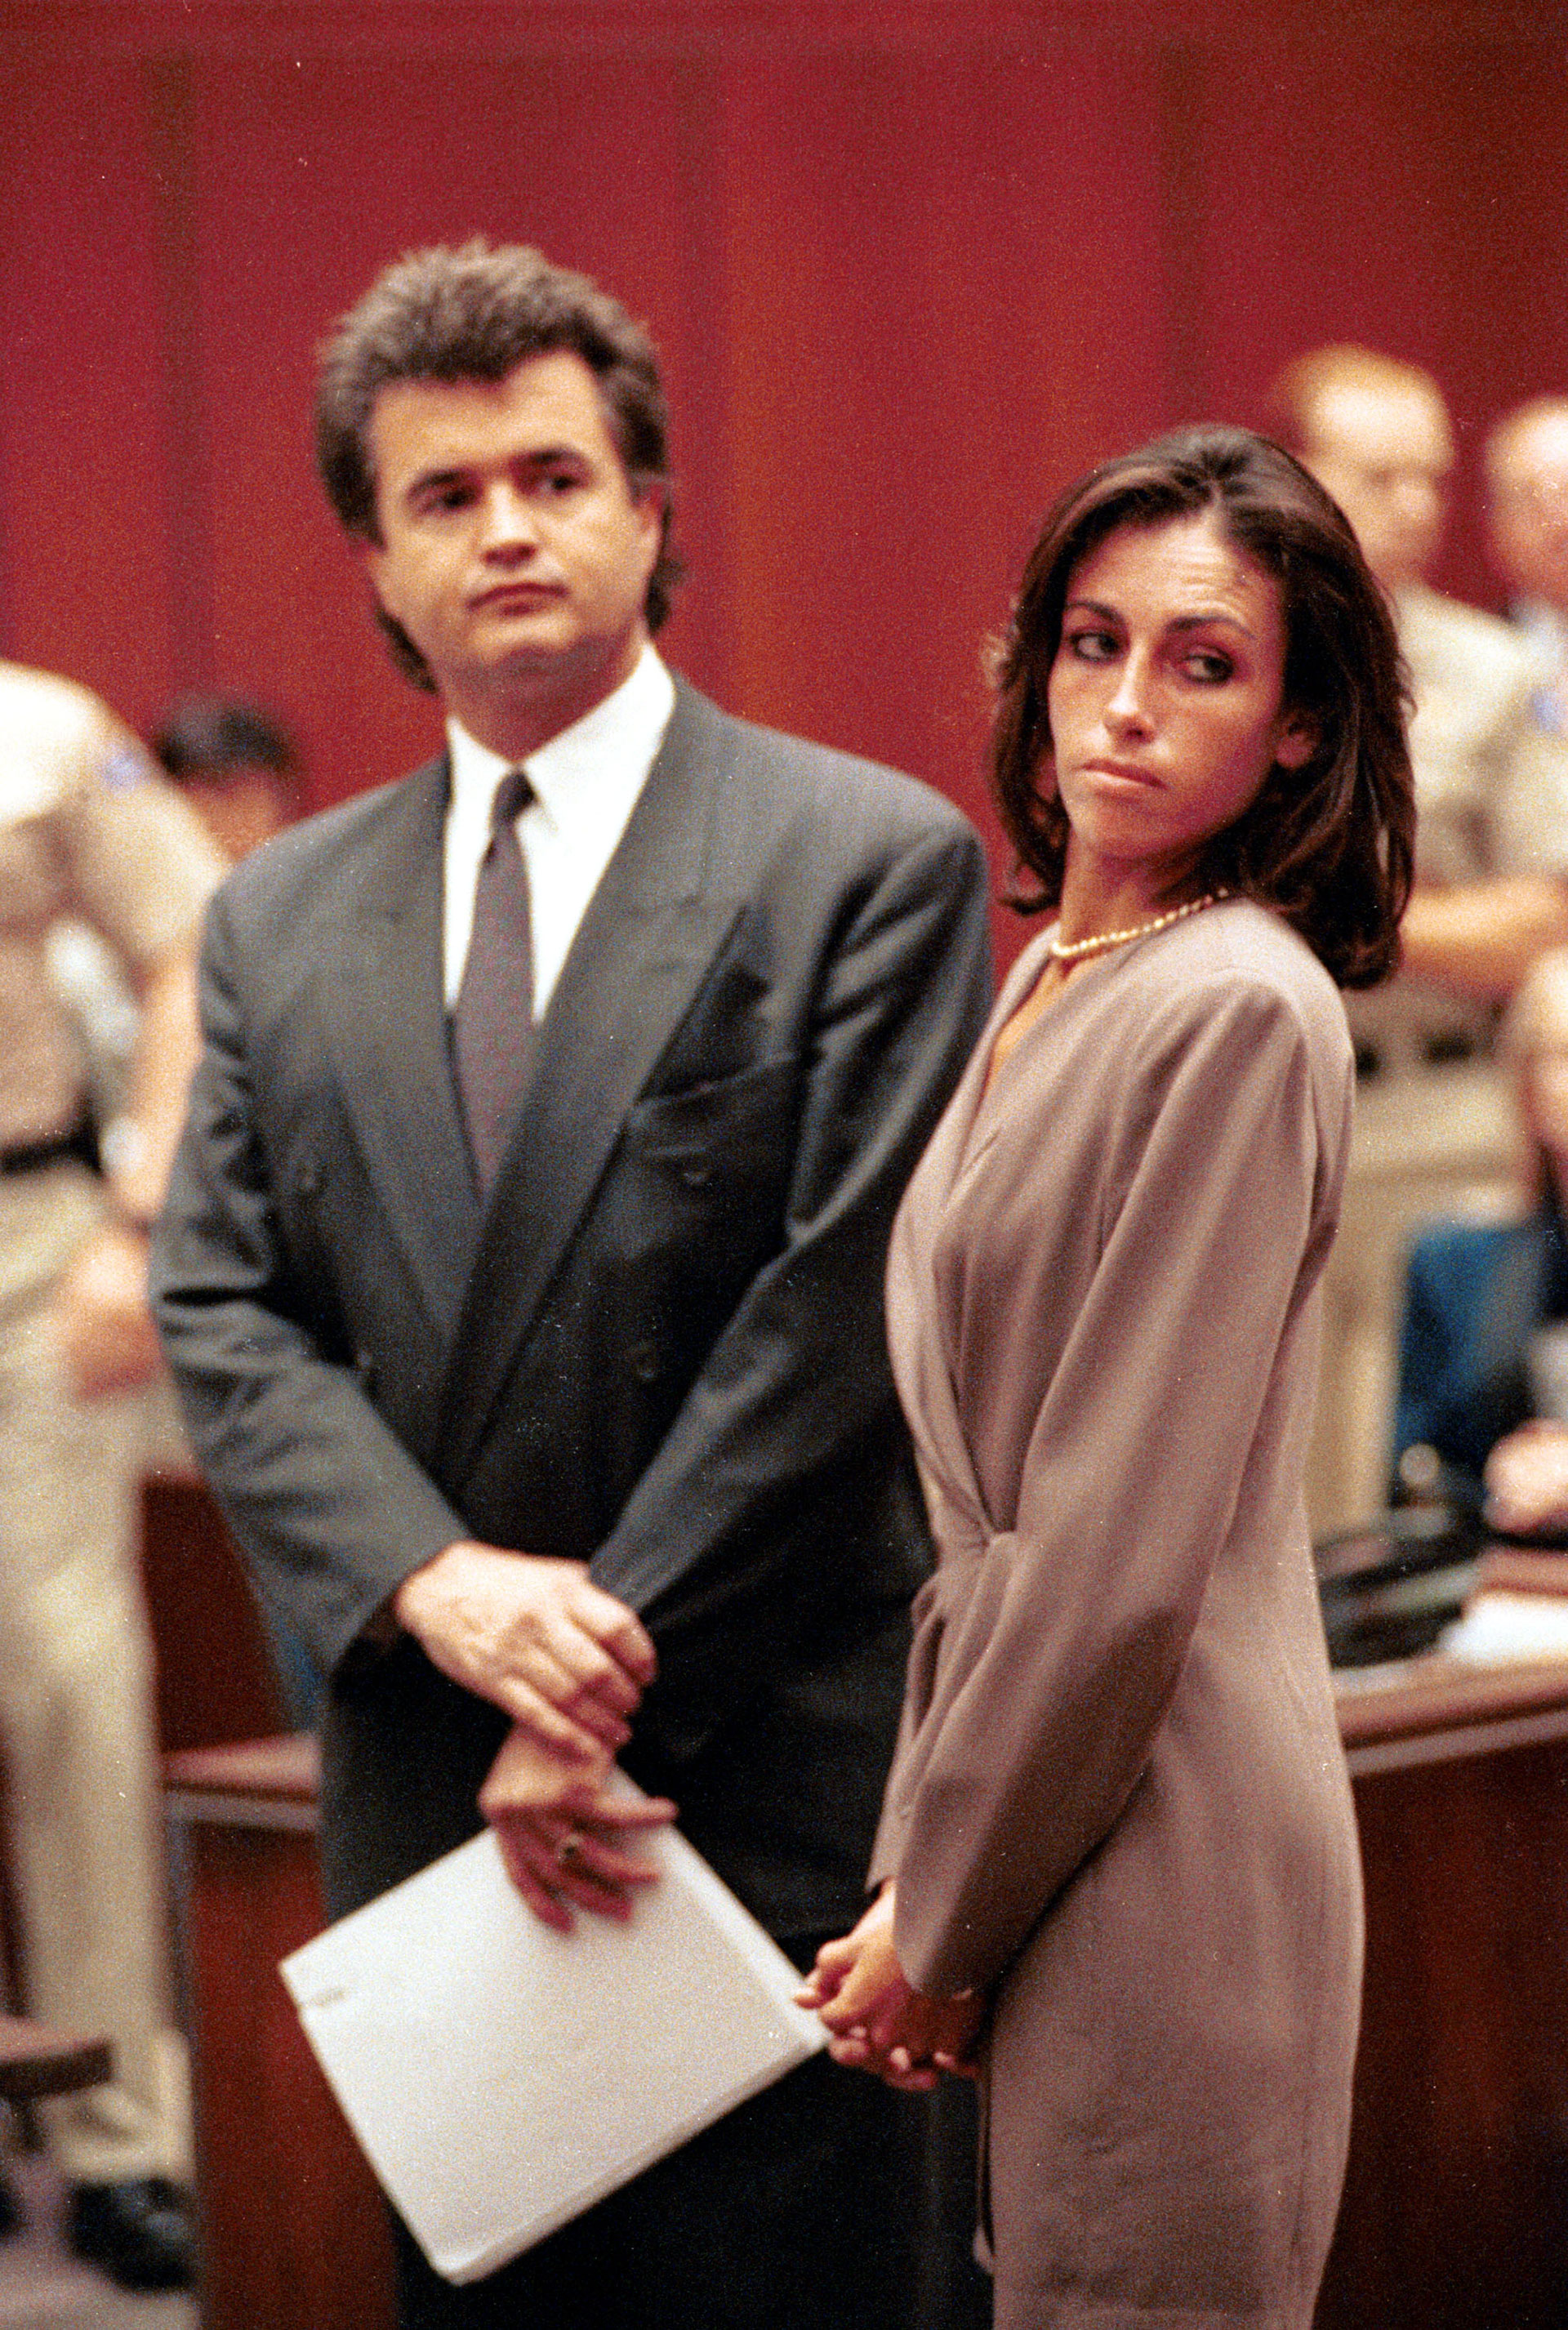 Fleiss fue a juicio por proxenetismo, evasión impositiva y posible lavado de dinero (Getty)